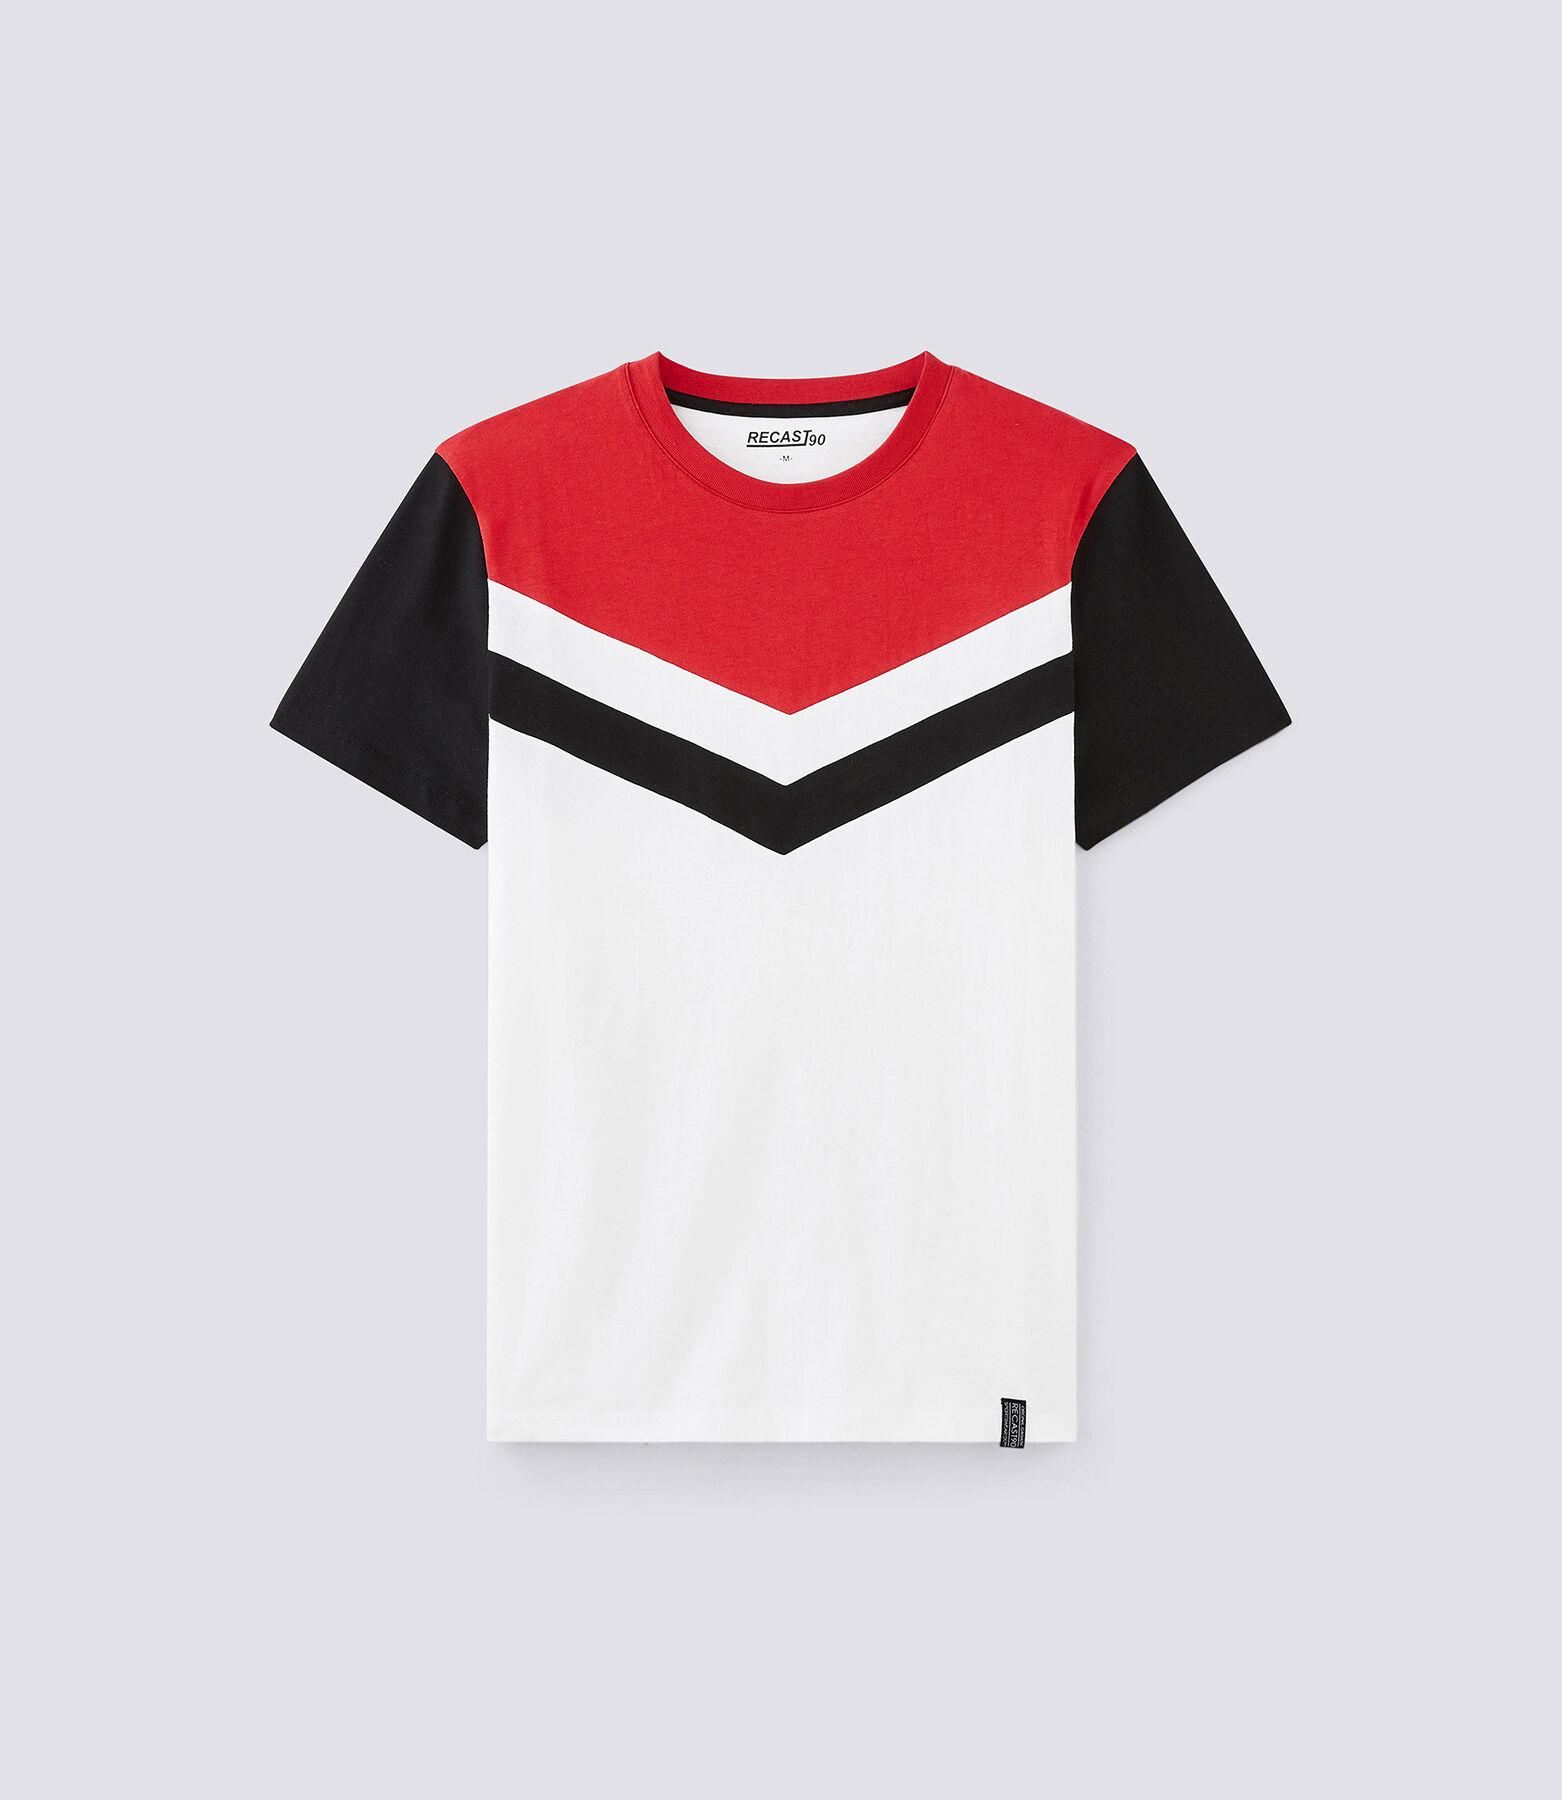 T-shirt met ronde hals, opdruk Recast 90